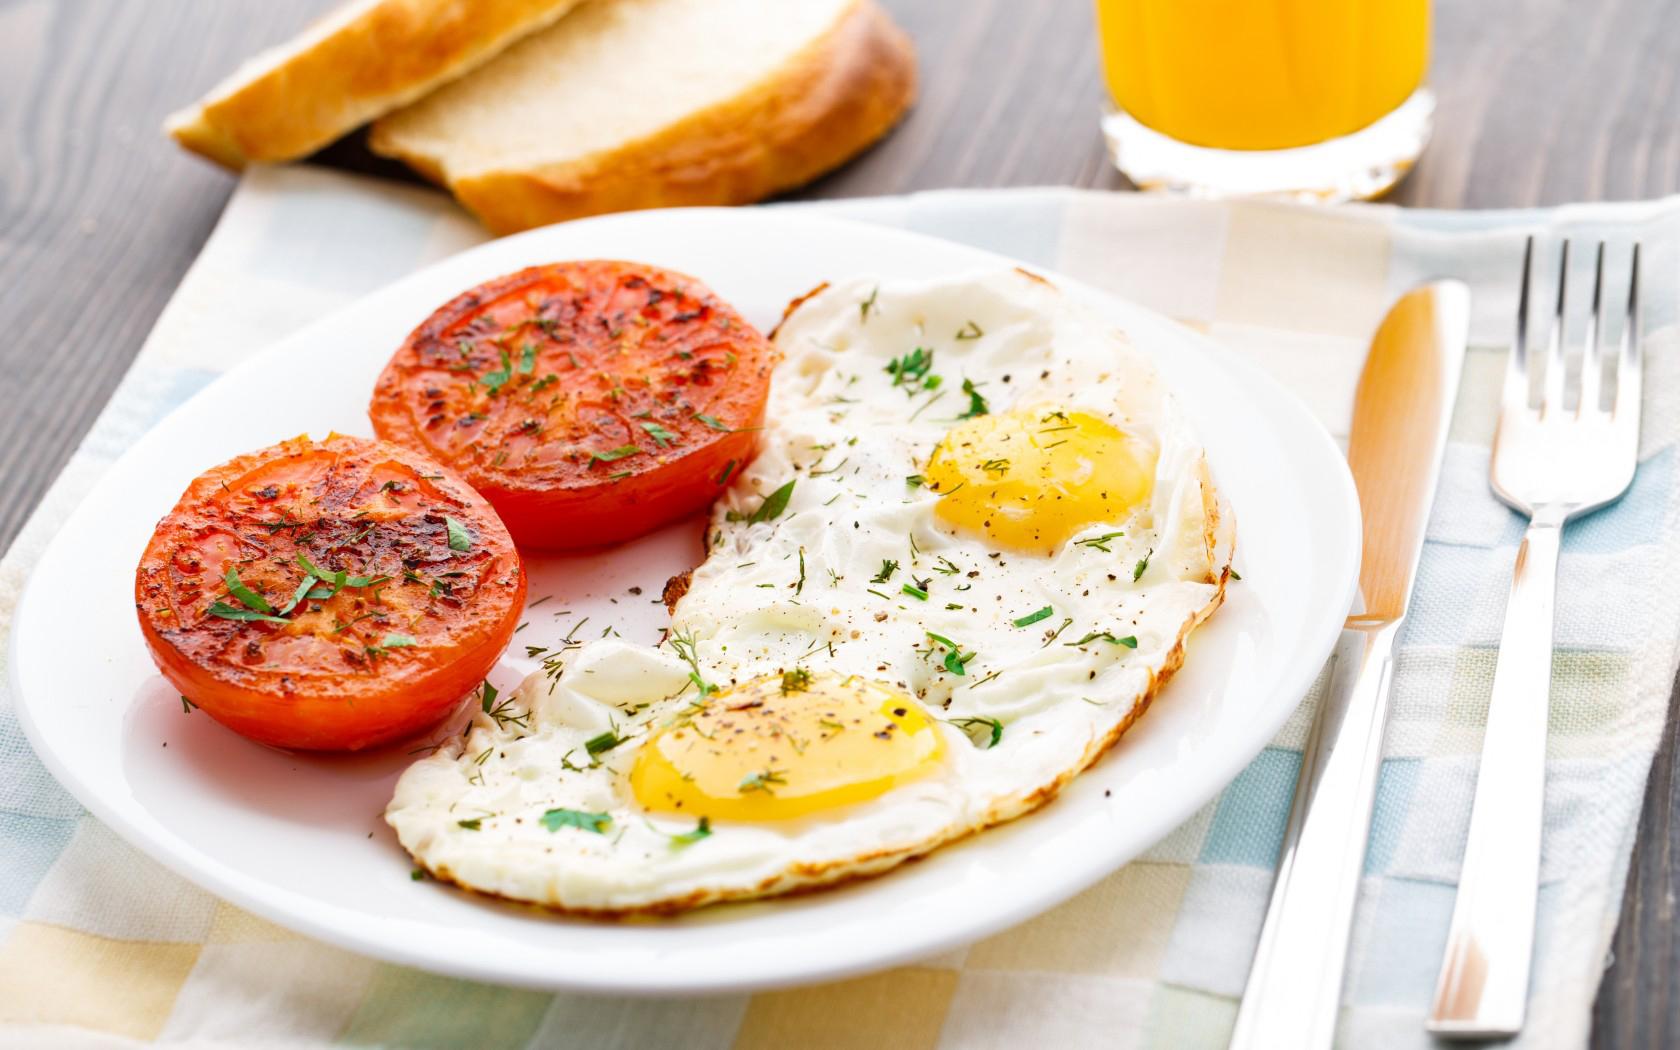 صبحانه تخم مرغ بخورید و لاغر شوید